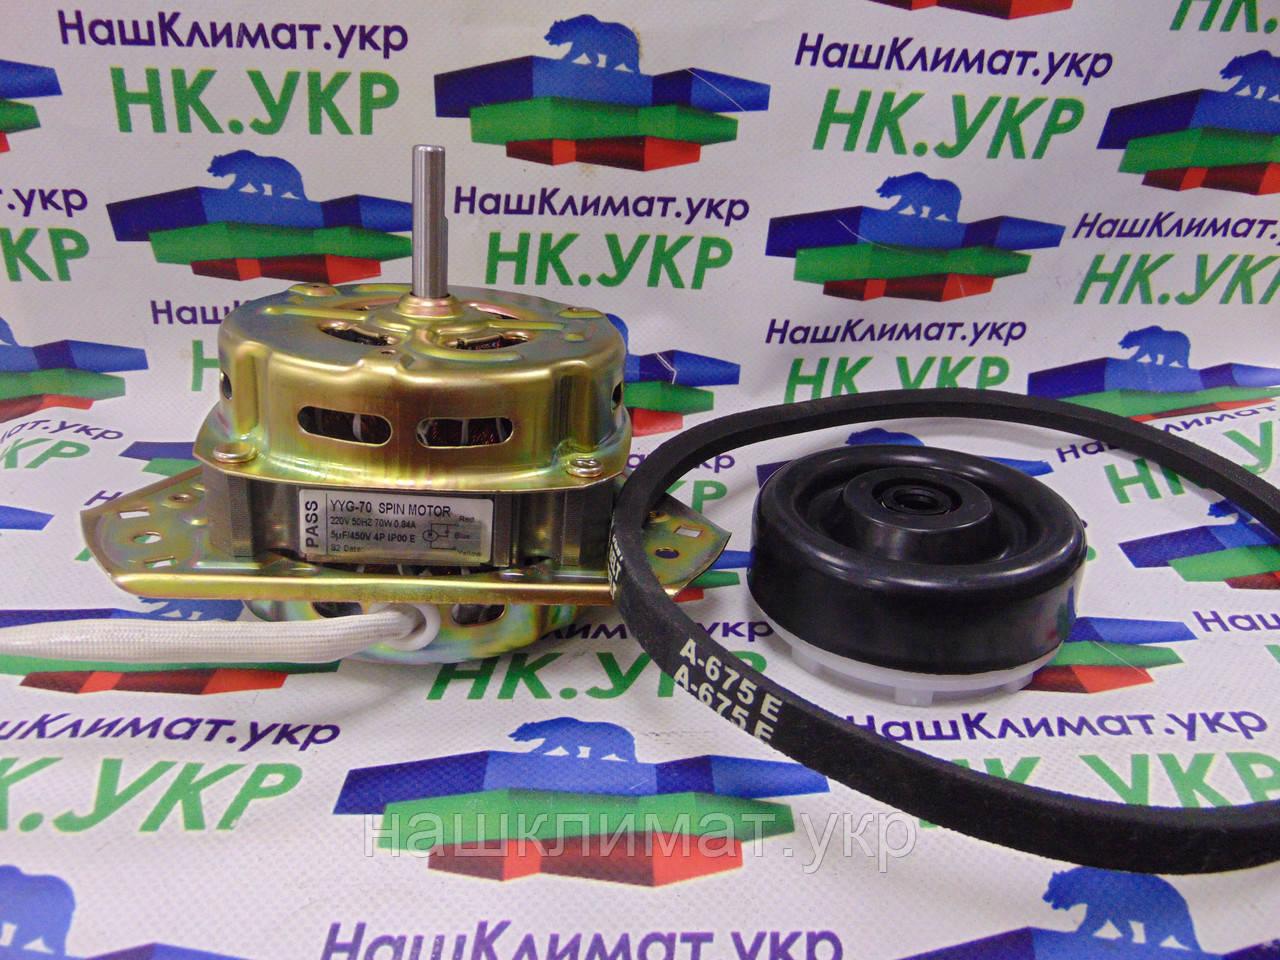 Ремкомплект для стиральной машины полуавтомат (двигатель отжима, ремень А 675 Е, сальник 94-95 мм.), фото 1